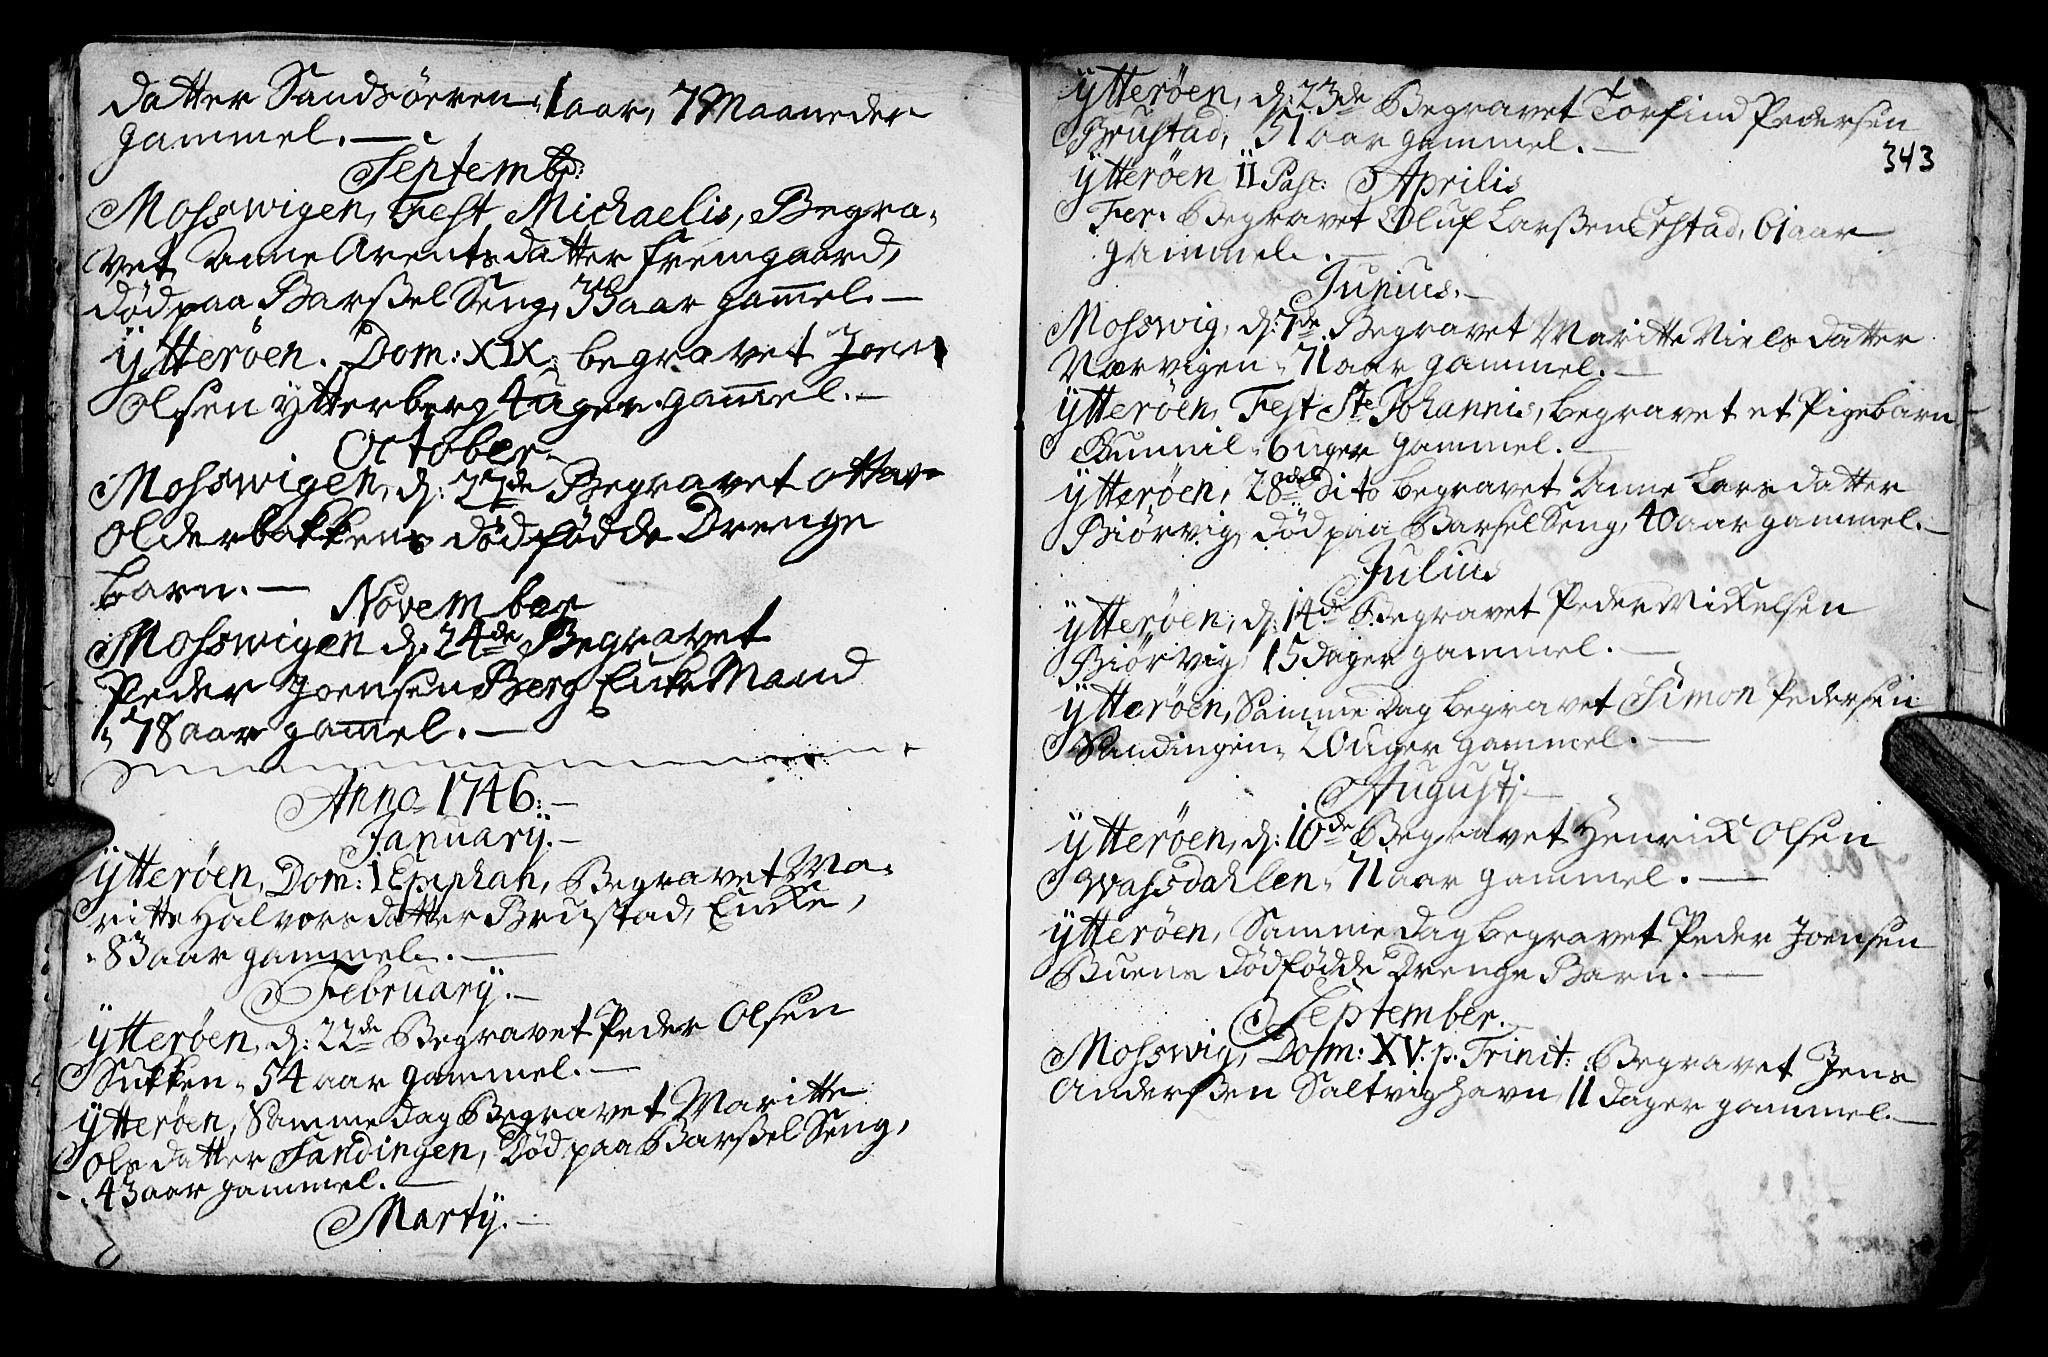 SAT, Ministerialprotokoller, klokkerbøker og fødselsregistre - Nord-Trøndelag, 722/L0215: Ministerialbok nr. 722A02, 1718-1755, s. 343